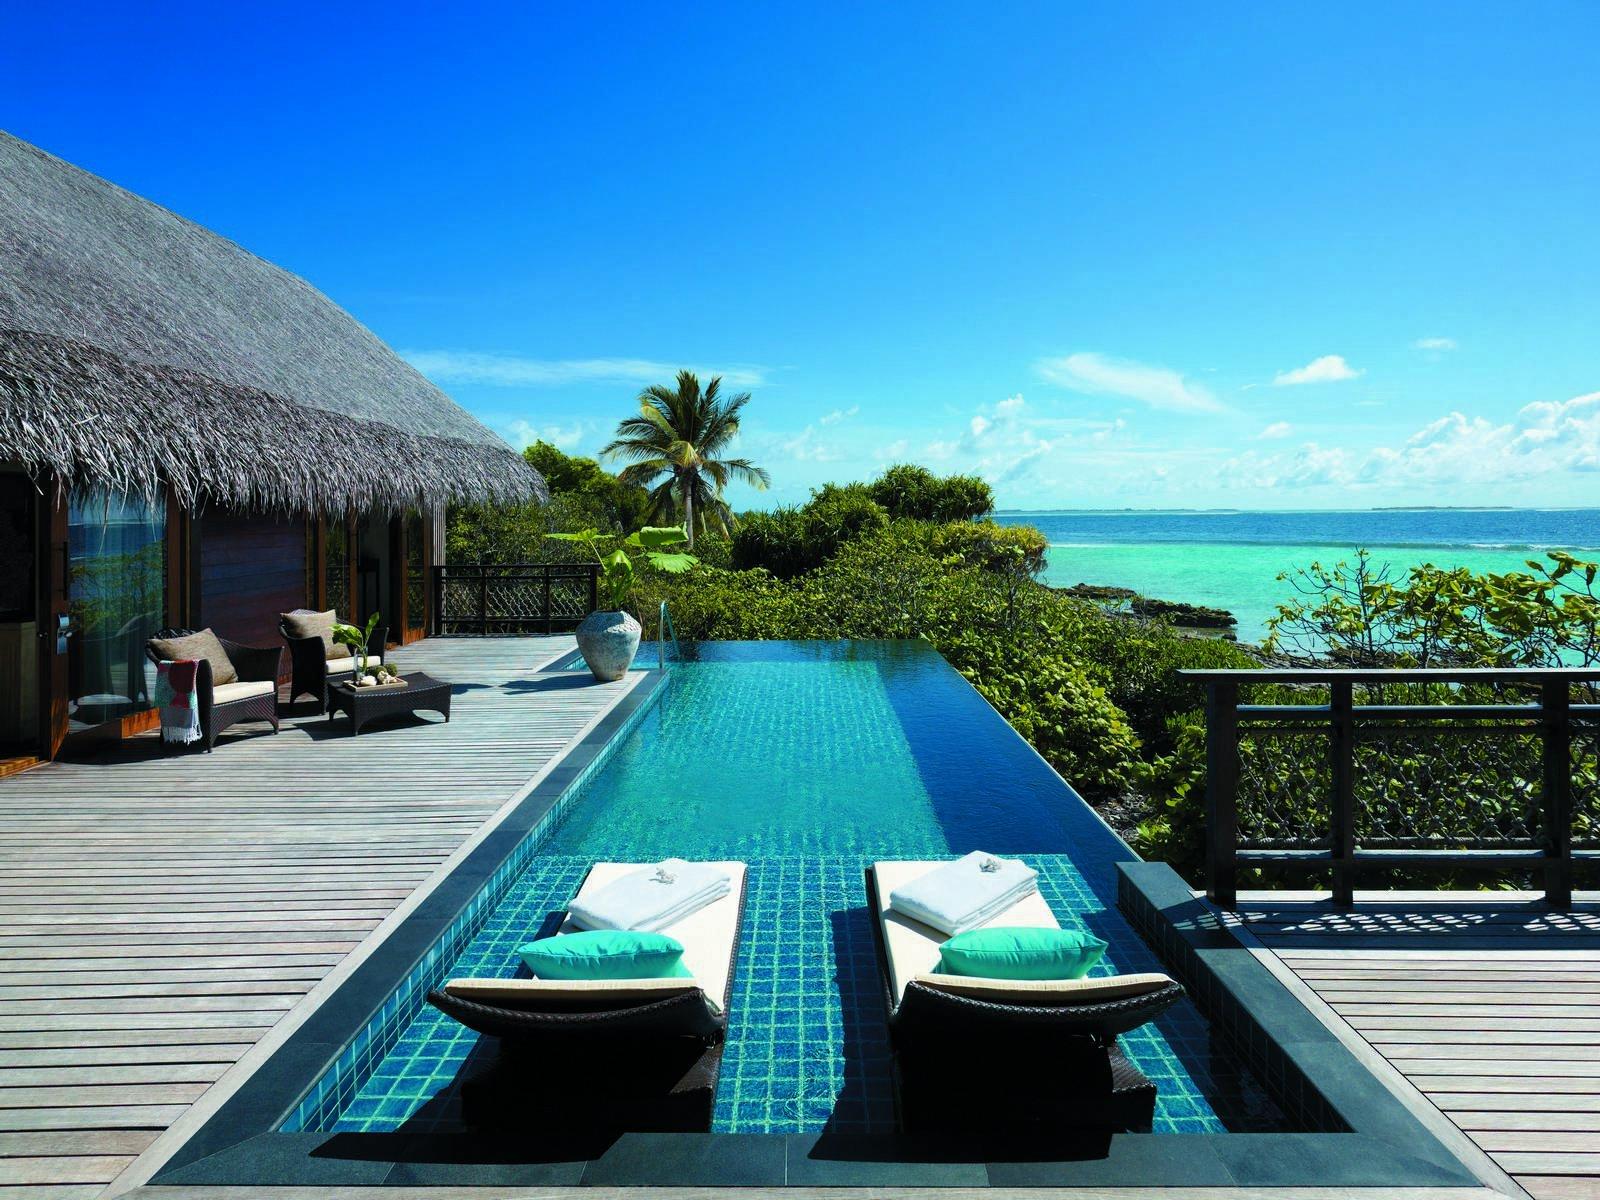 جزيرة Utheemu في المالديف